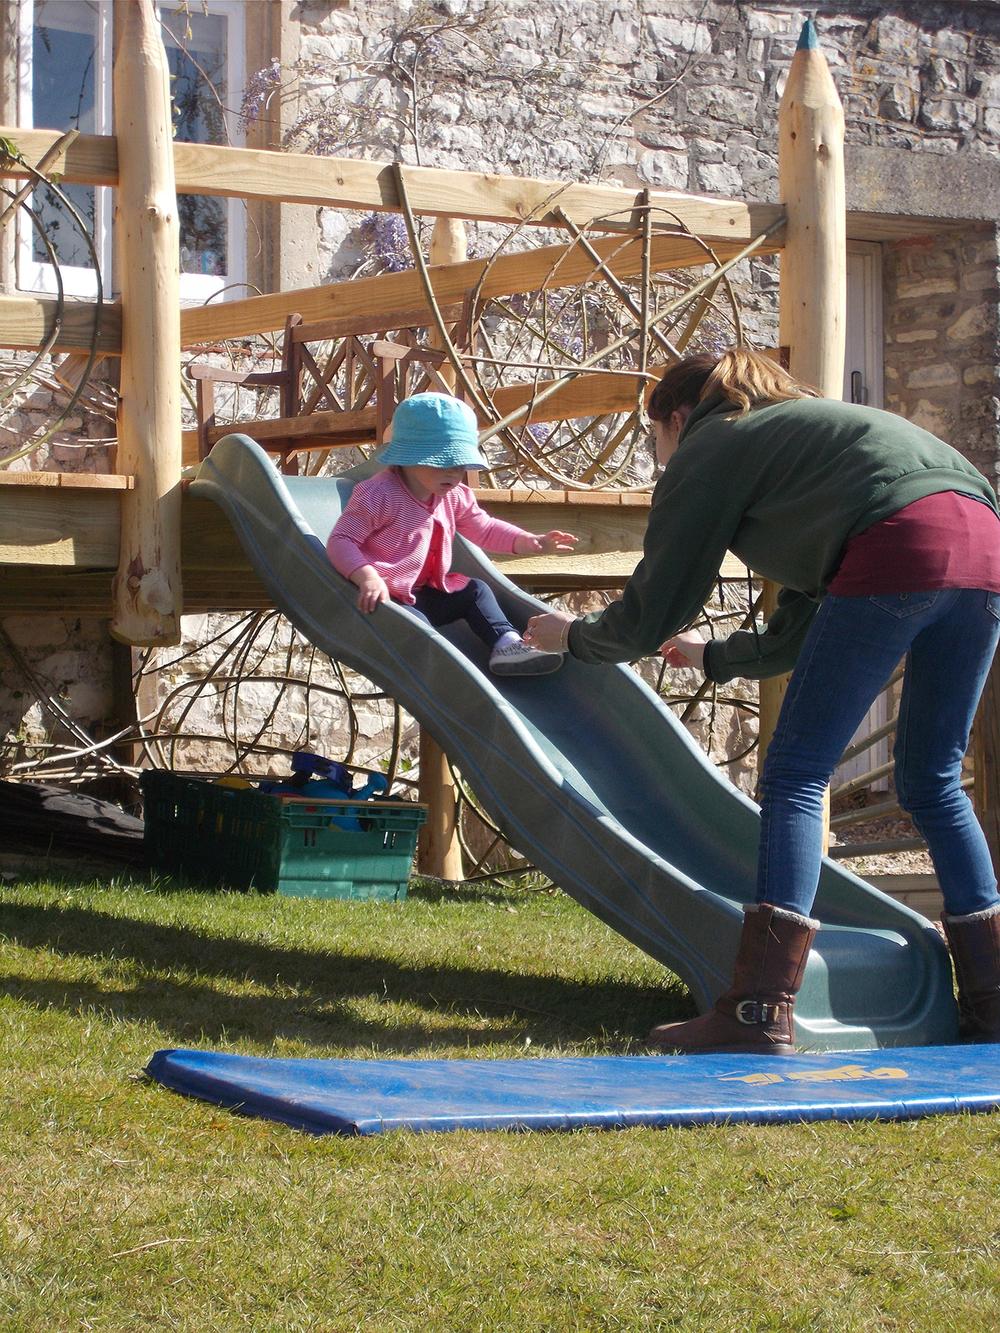 enjoying the slide